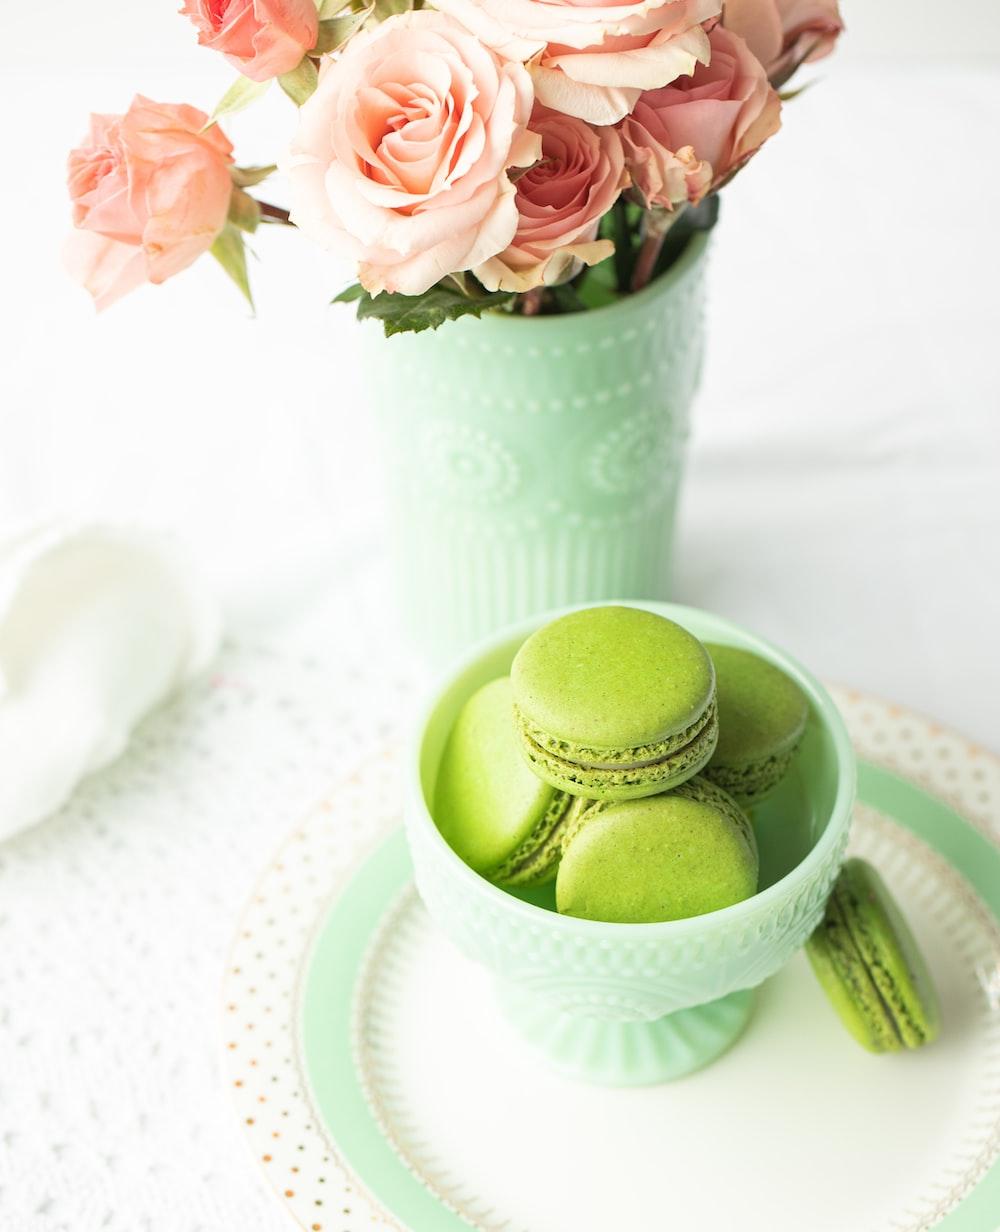 green egg on white ceramic bowl beside pink flowers